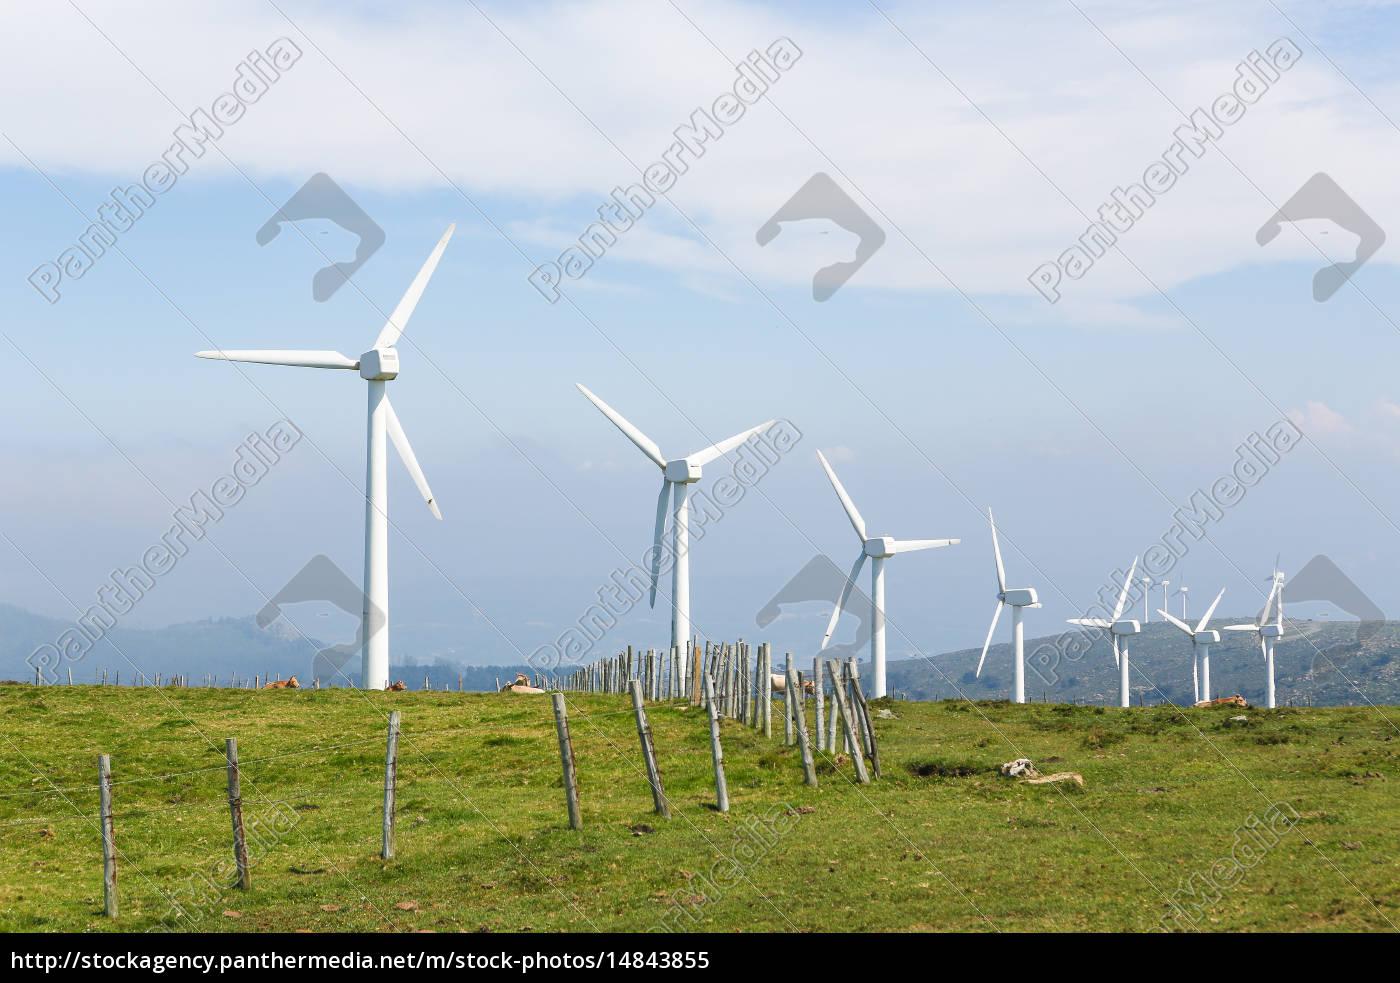 turbinas, eólicas, en, un, parque, eólico - 14843855